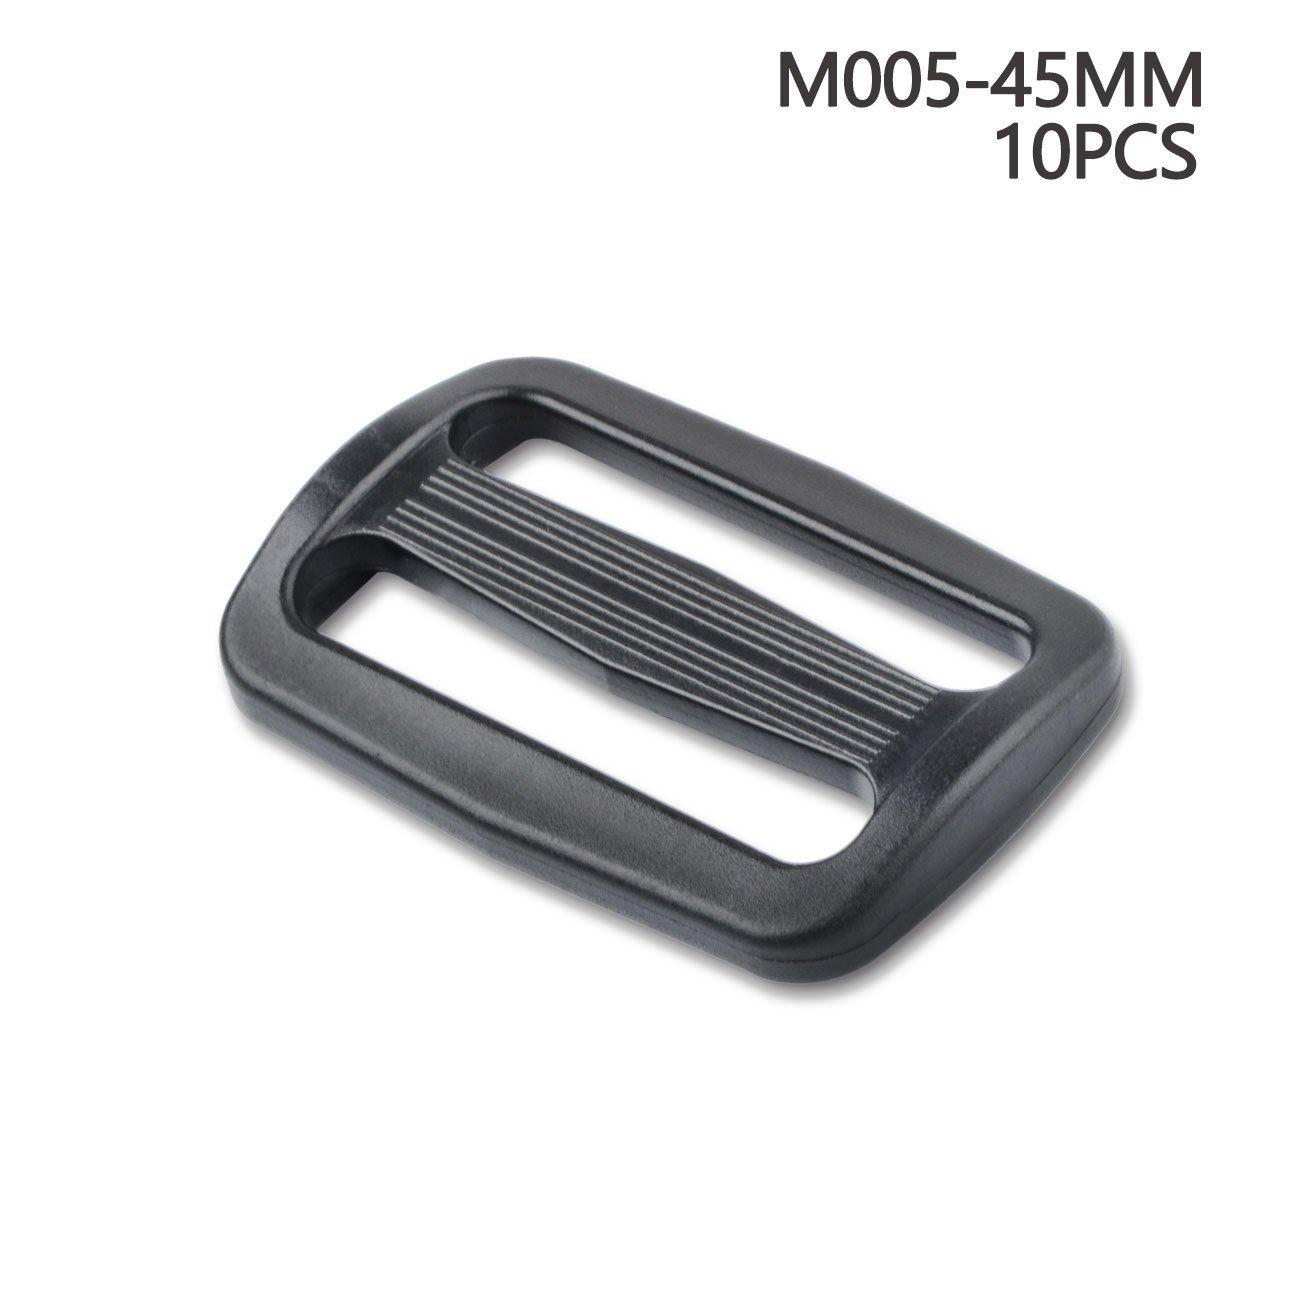 Passanti in plastica per cinghie zaini e borse, 45 mm